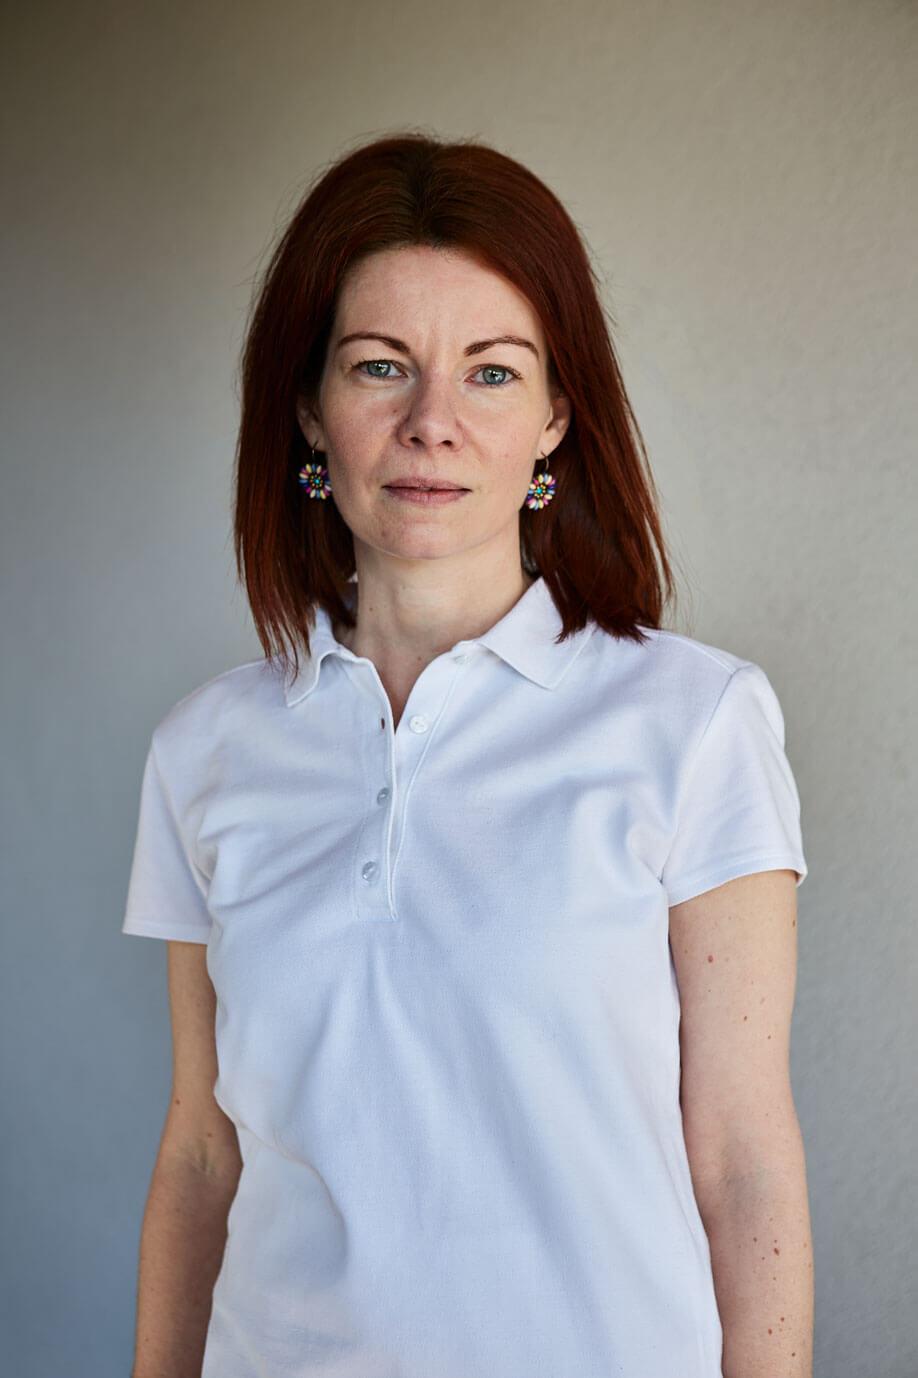 Portrait of Petra Remetean, Physiotherapist